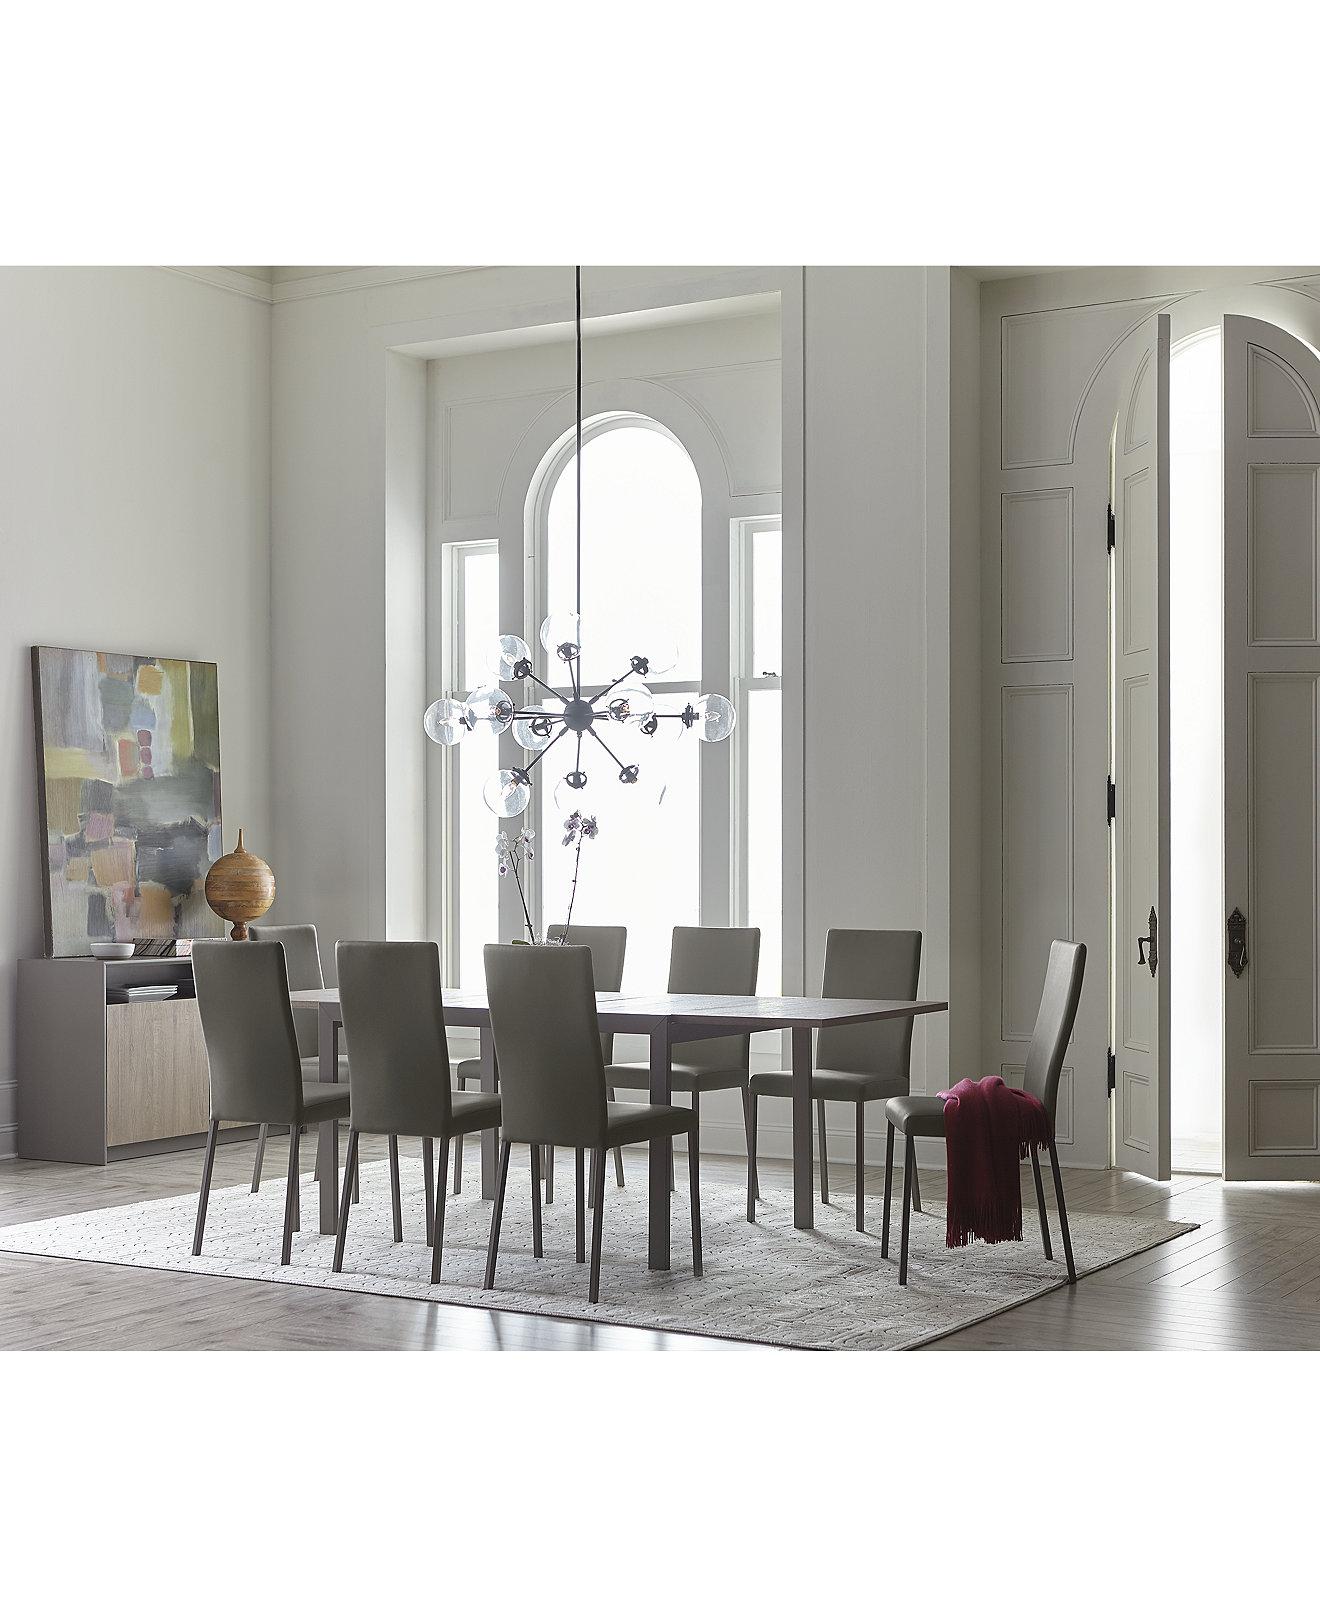 Macchiato Dining Furniture Collection